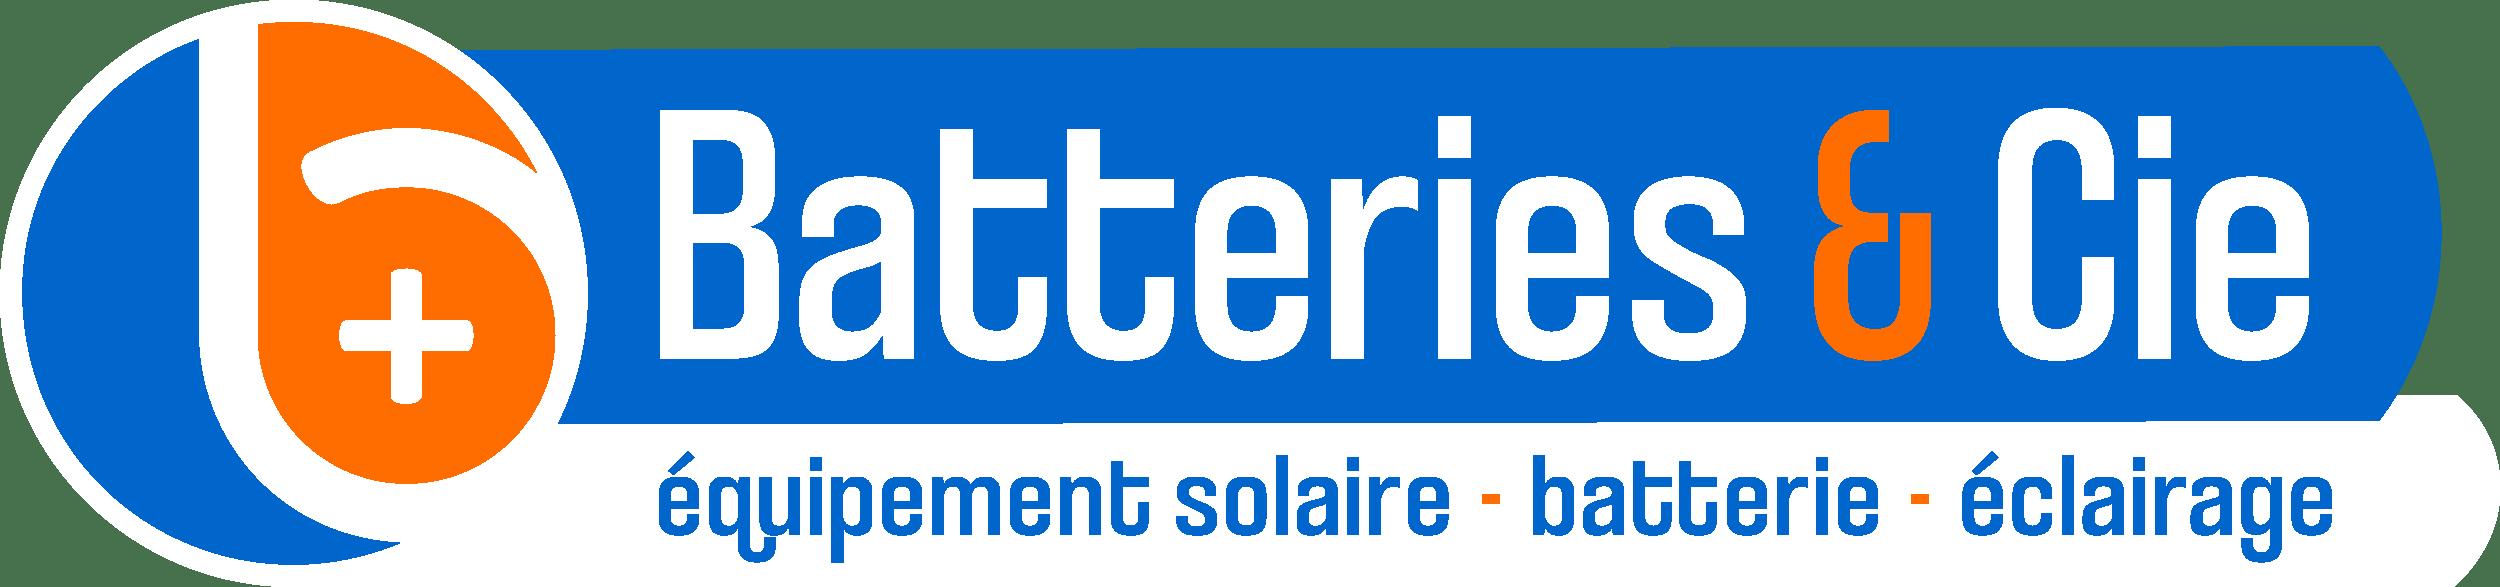 logo-batteries-et-cie